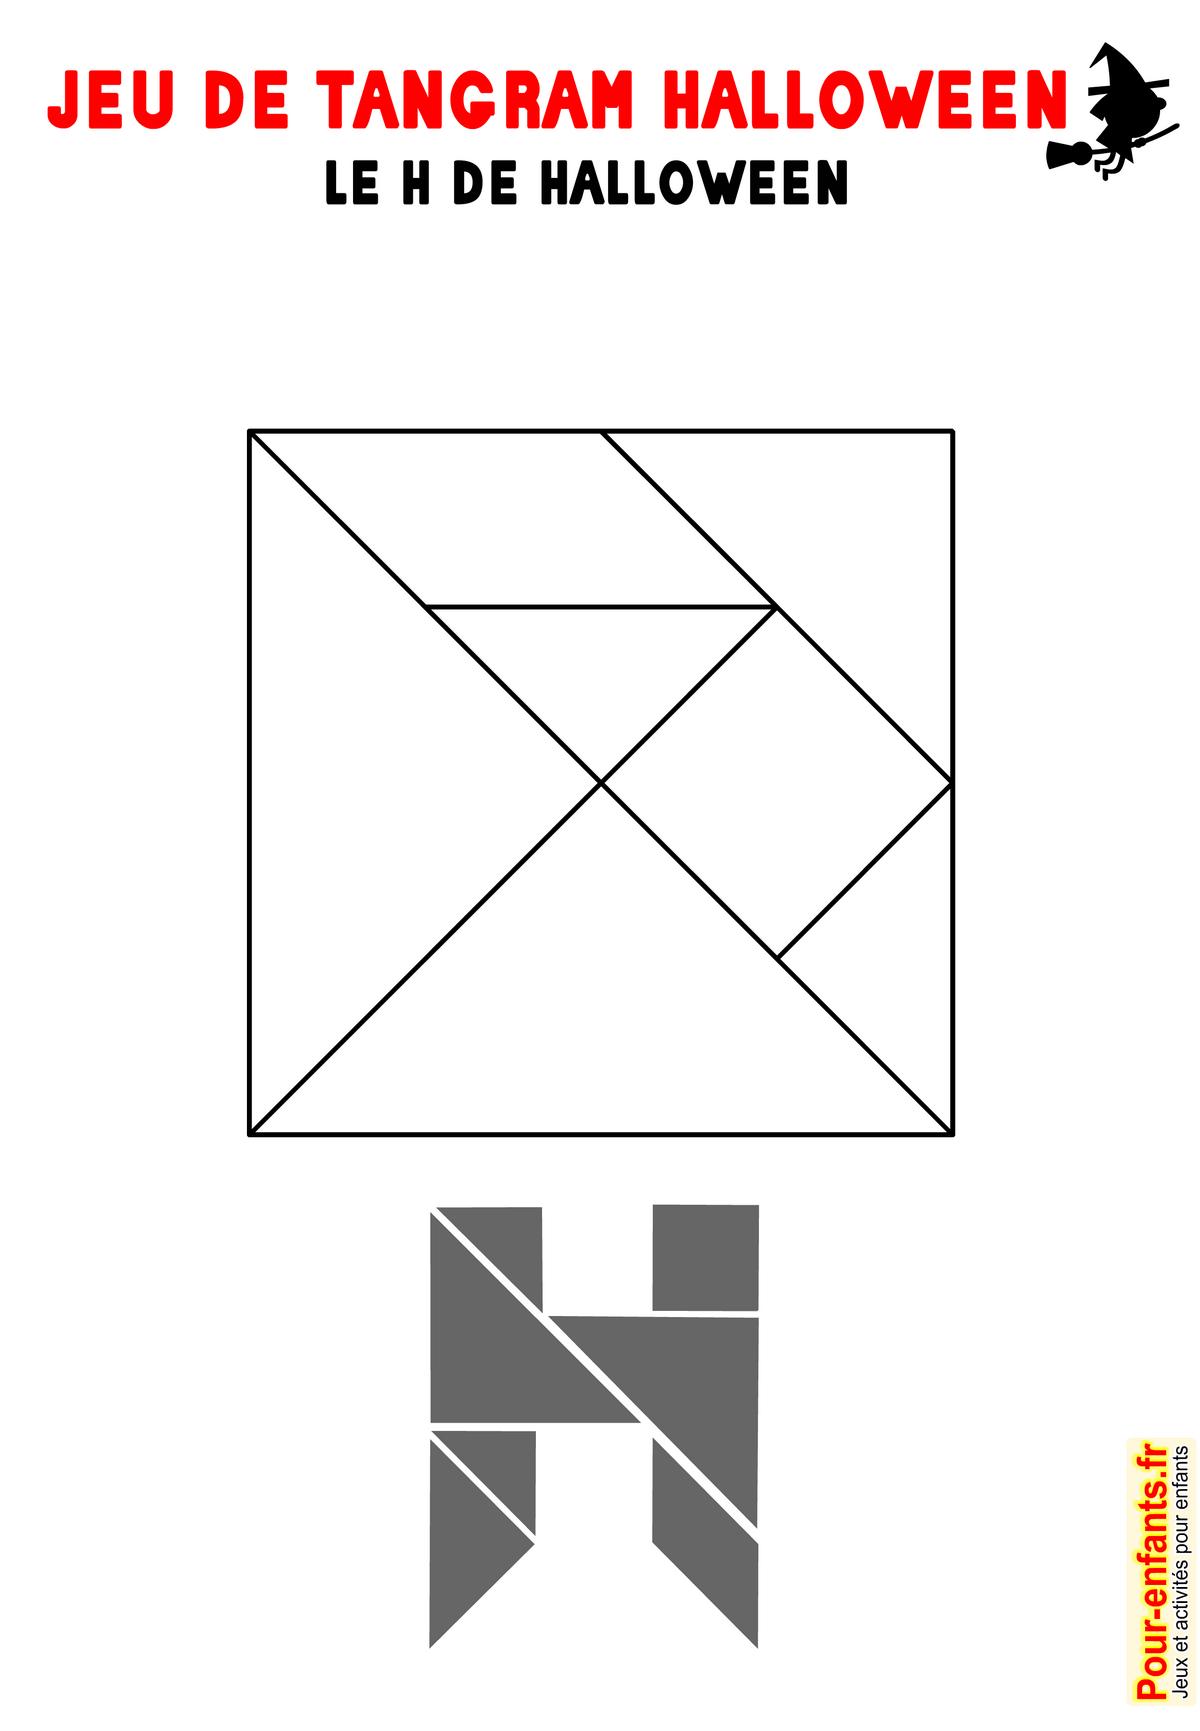 Jeu De Tangram À Imprimer Lettre H Halloween Imprimable tout Jeux De Tangram Gratuit